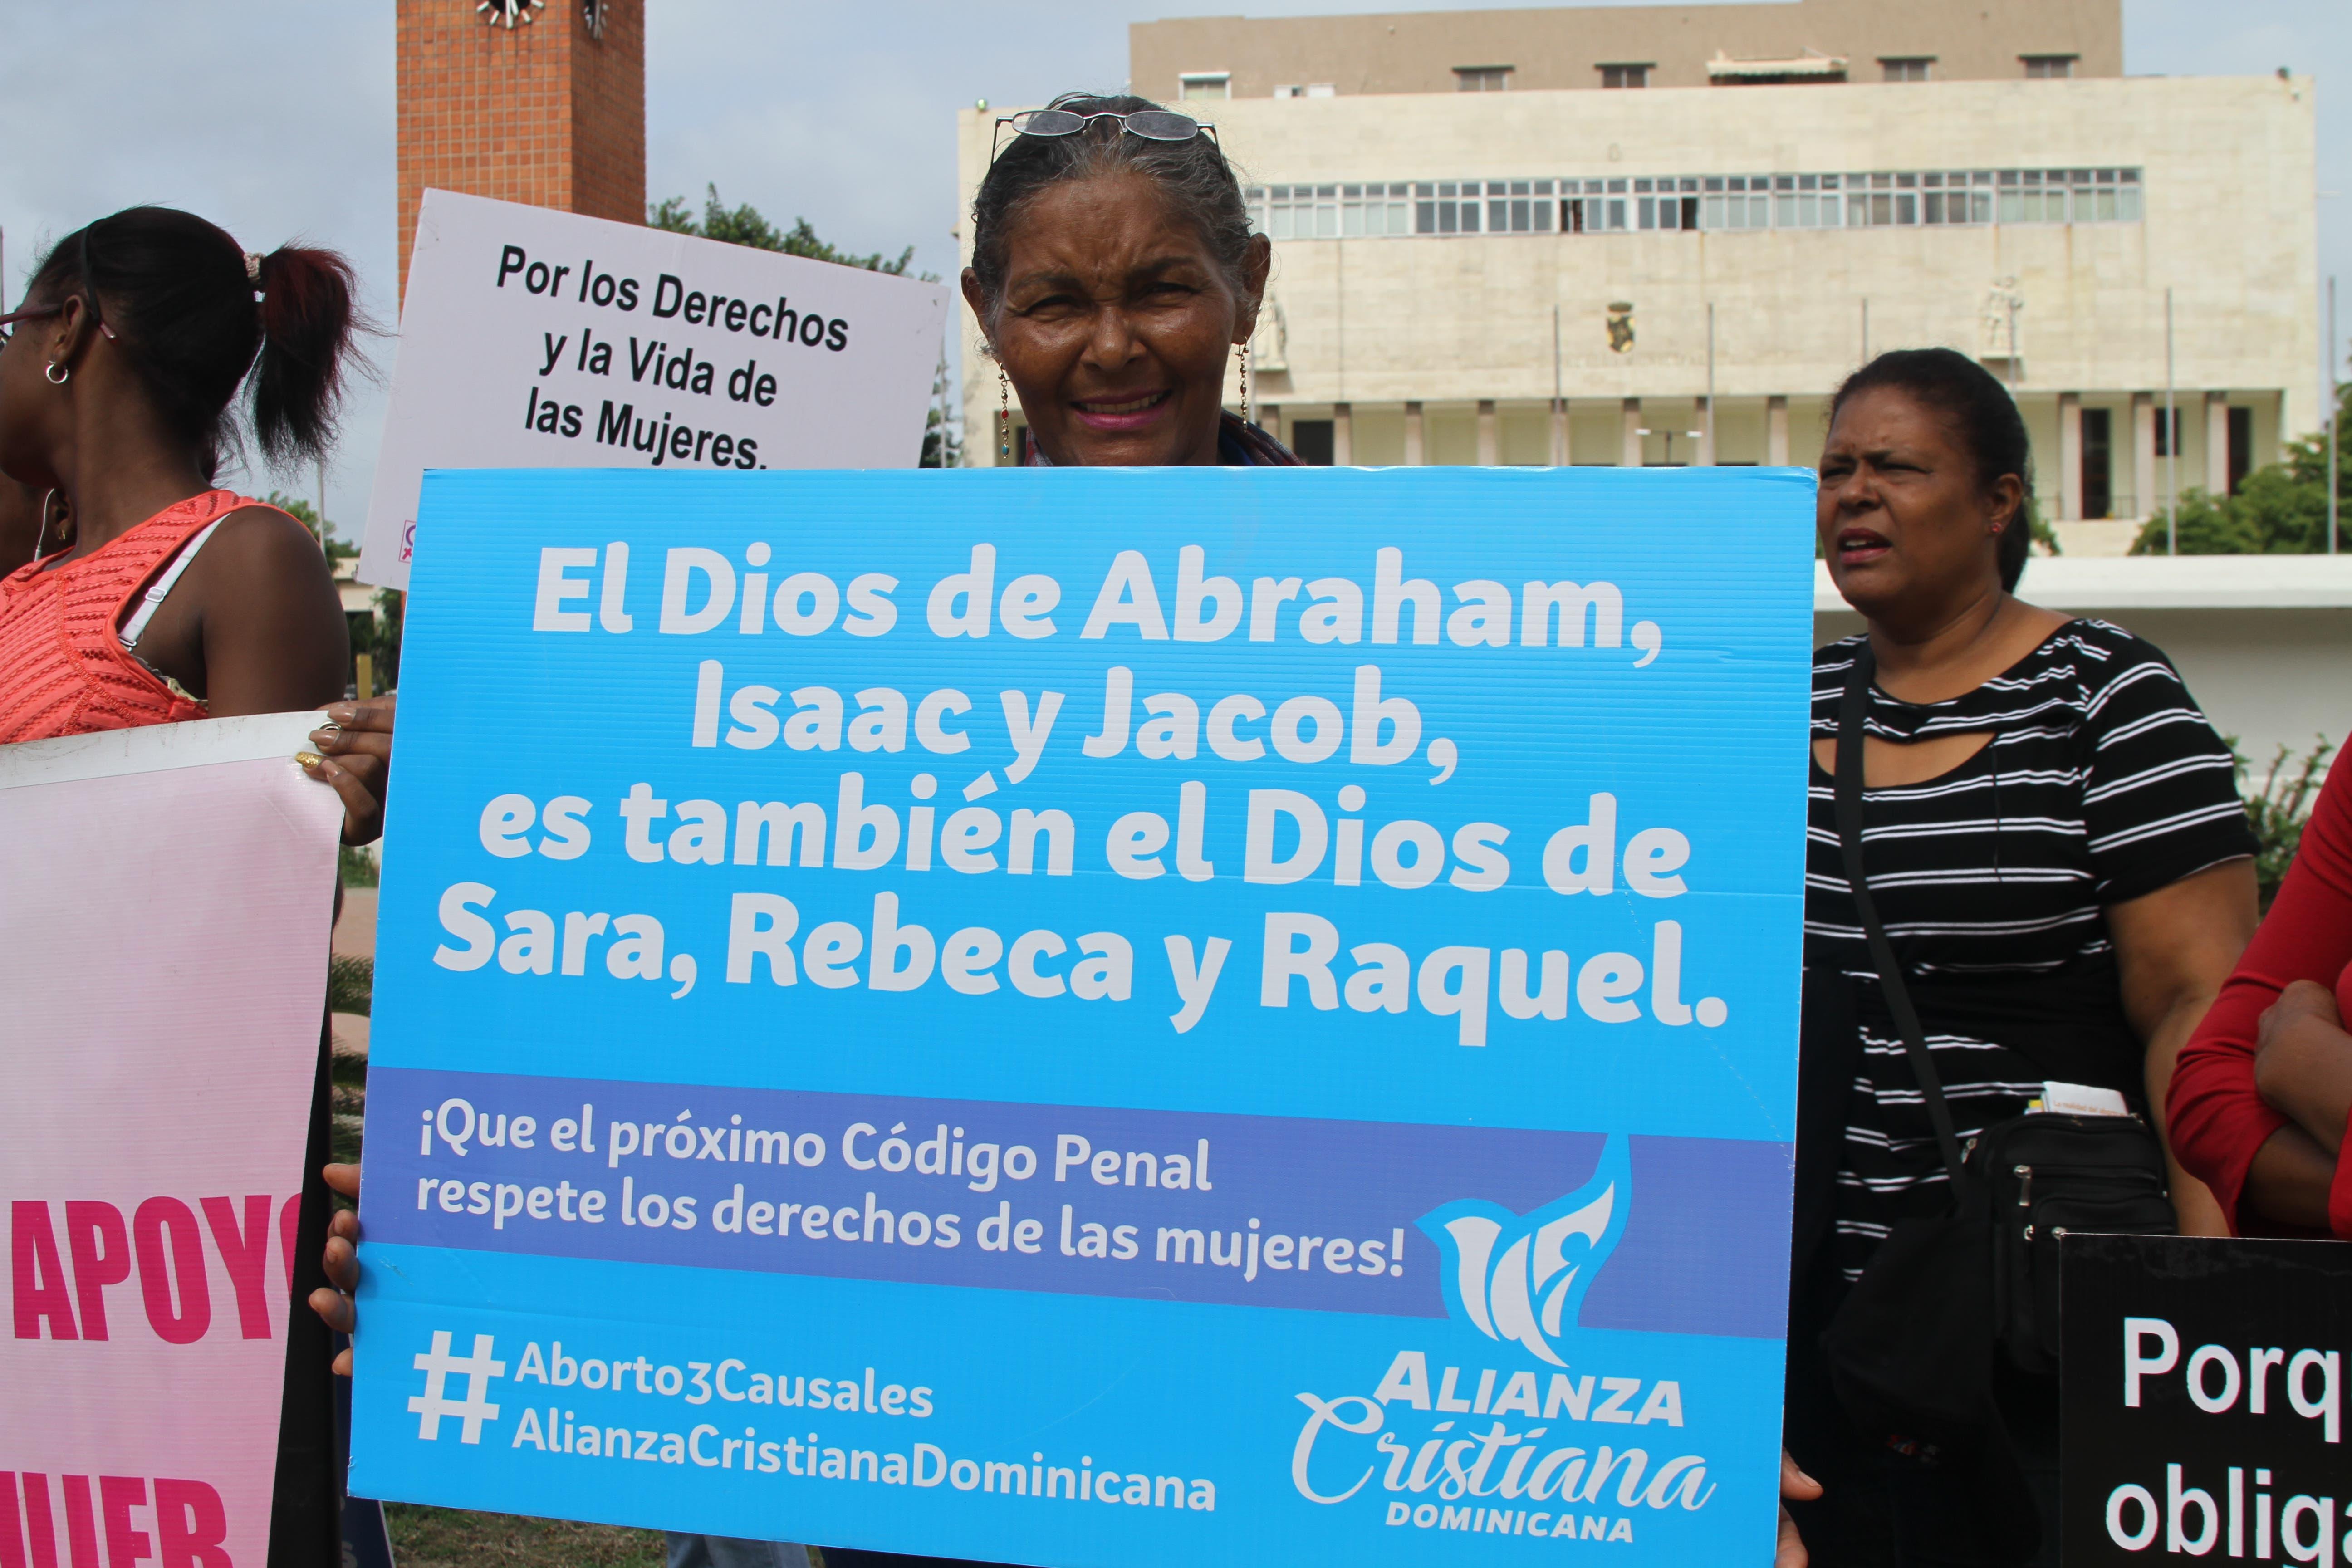 Alianza Cristiana llama la atención crisis electoral ha postergado agenda pro derechos de las mujeres